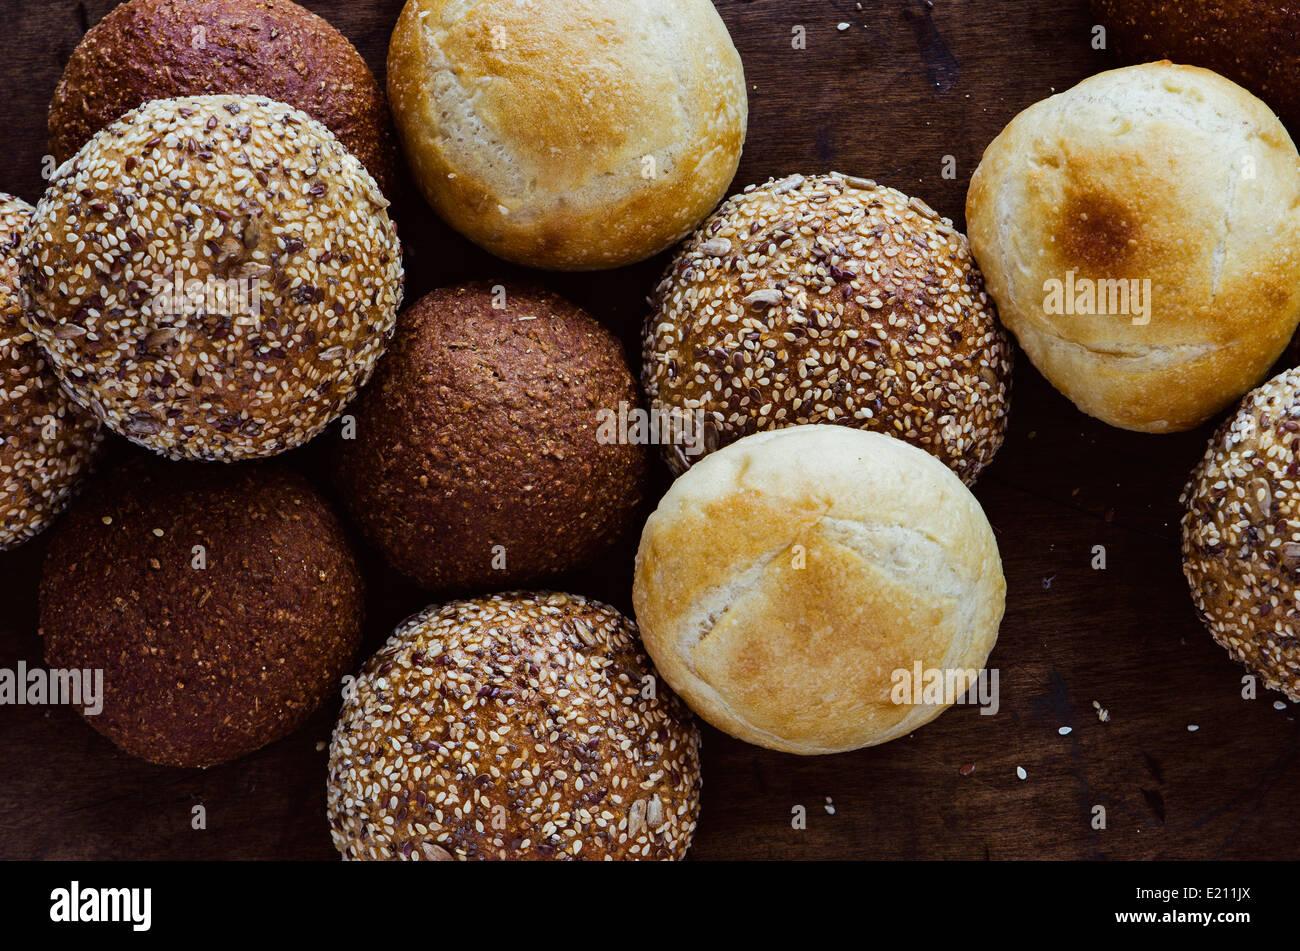 Assortiment de pains artisanaux Photo Stock